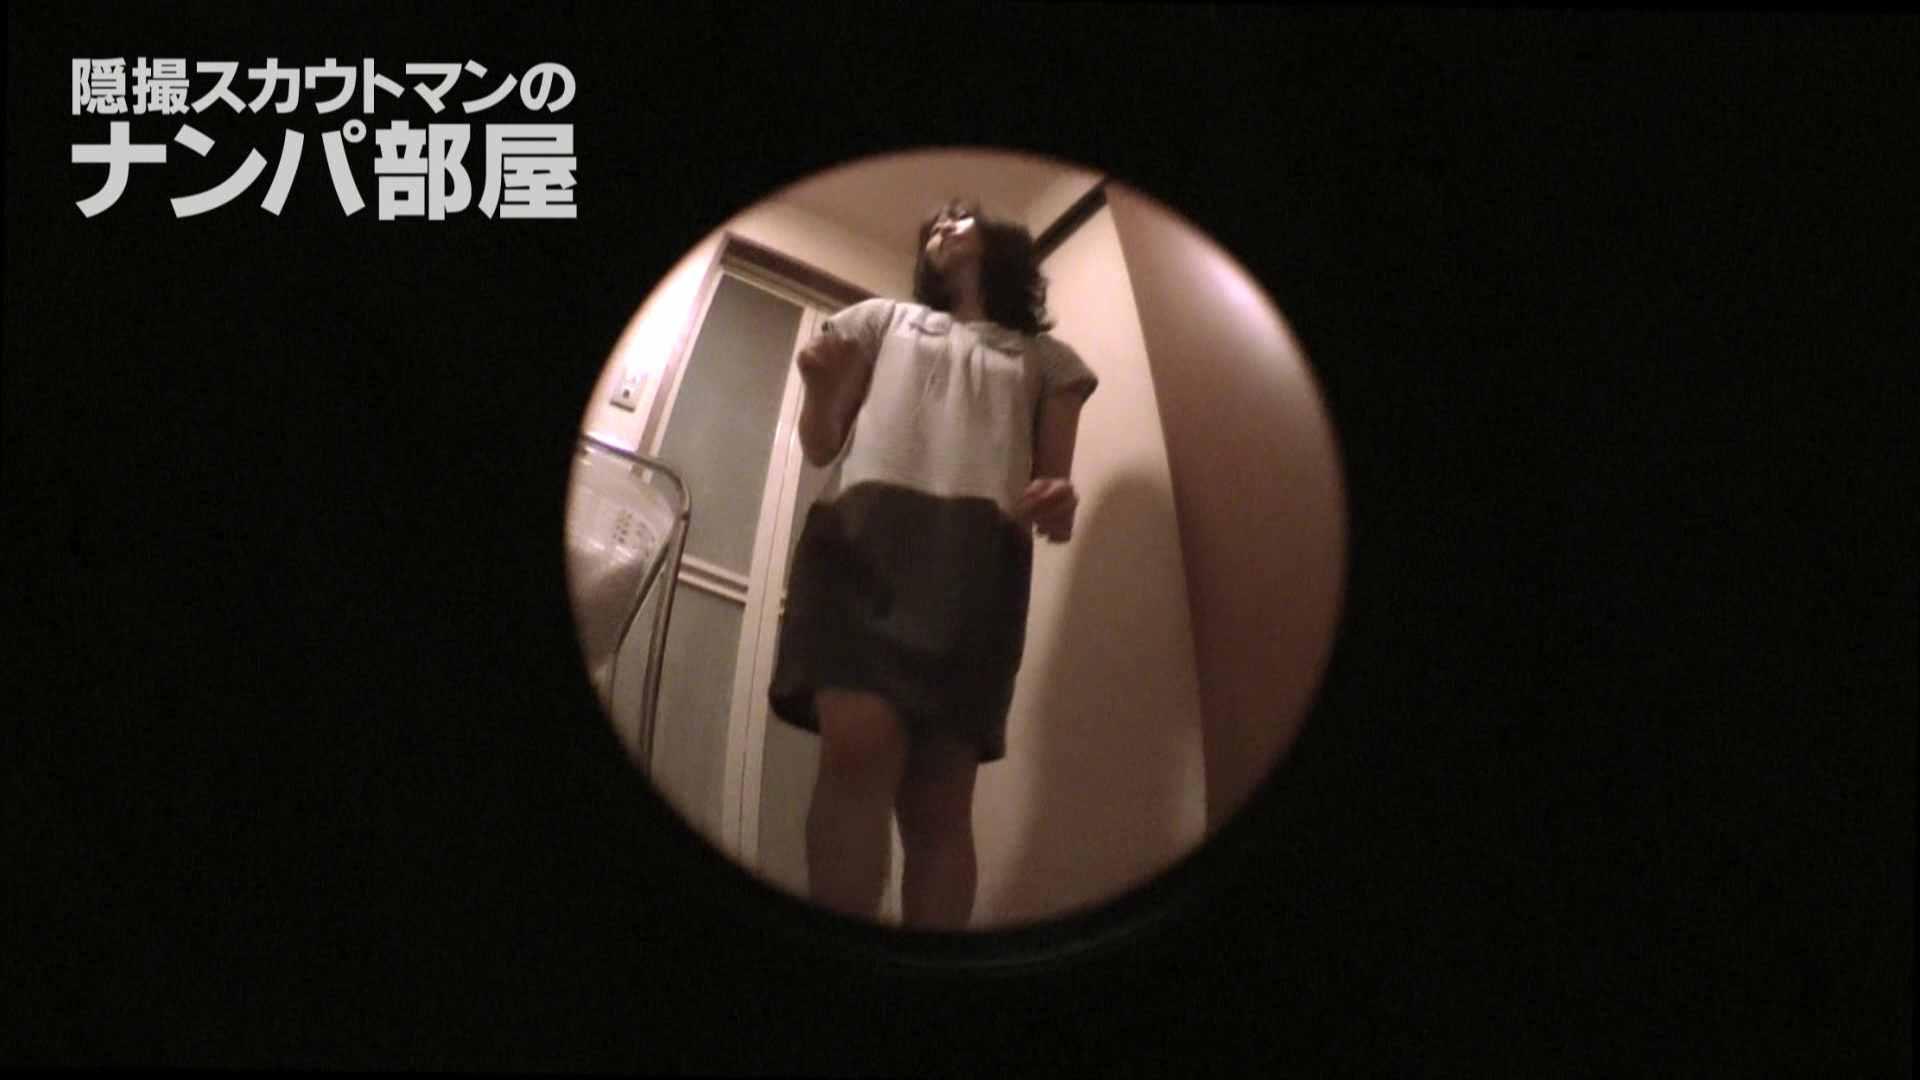 隠撮スカウトマンのナンパ部屋~風俗デビュー前のつまみ食い~ siivol.3 ナンパ  90連発 31